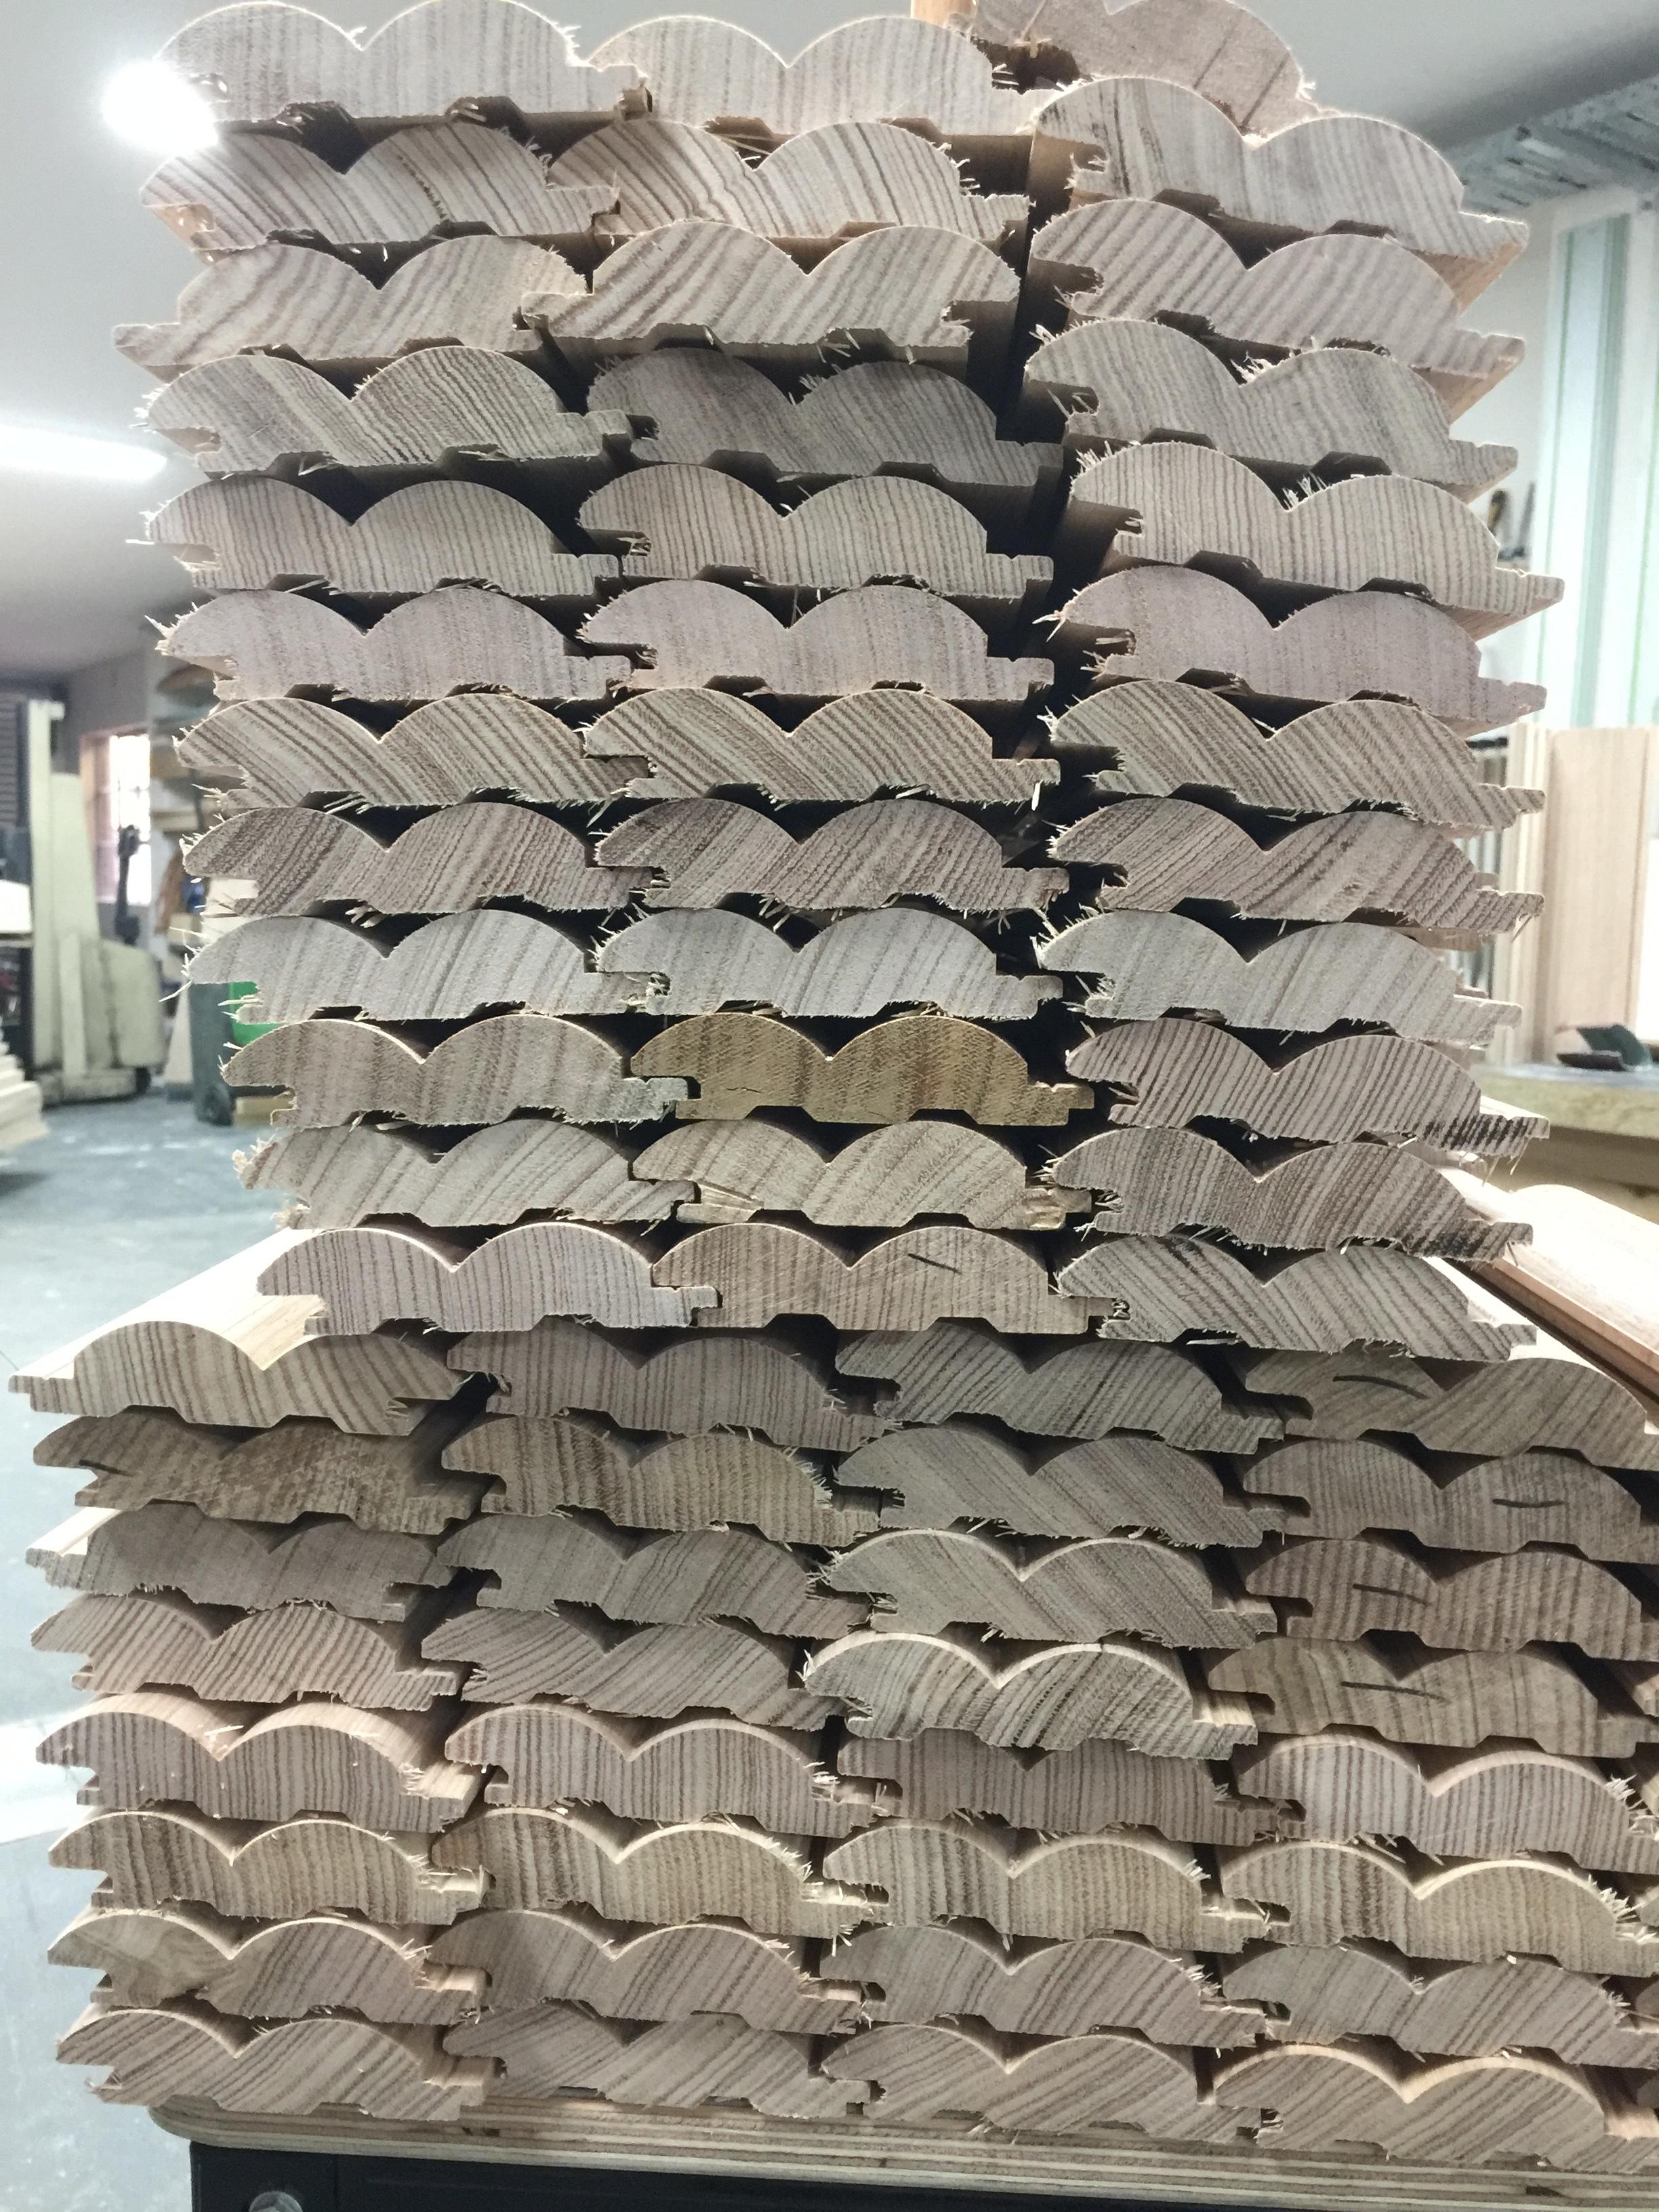 SoWatt-WIP-Oak-Dowel-Plywood-Flat-Pack-Shelving-Koala_Mattress-Myer-01.JPG